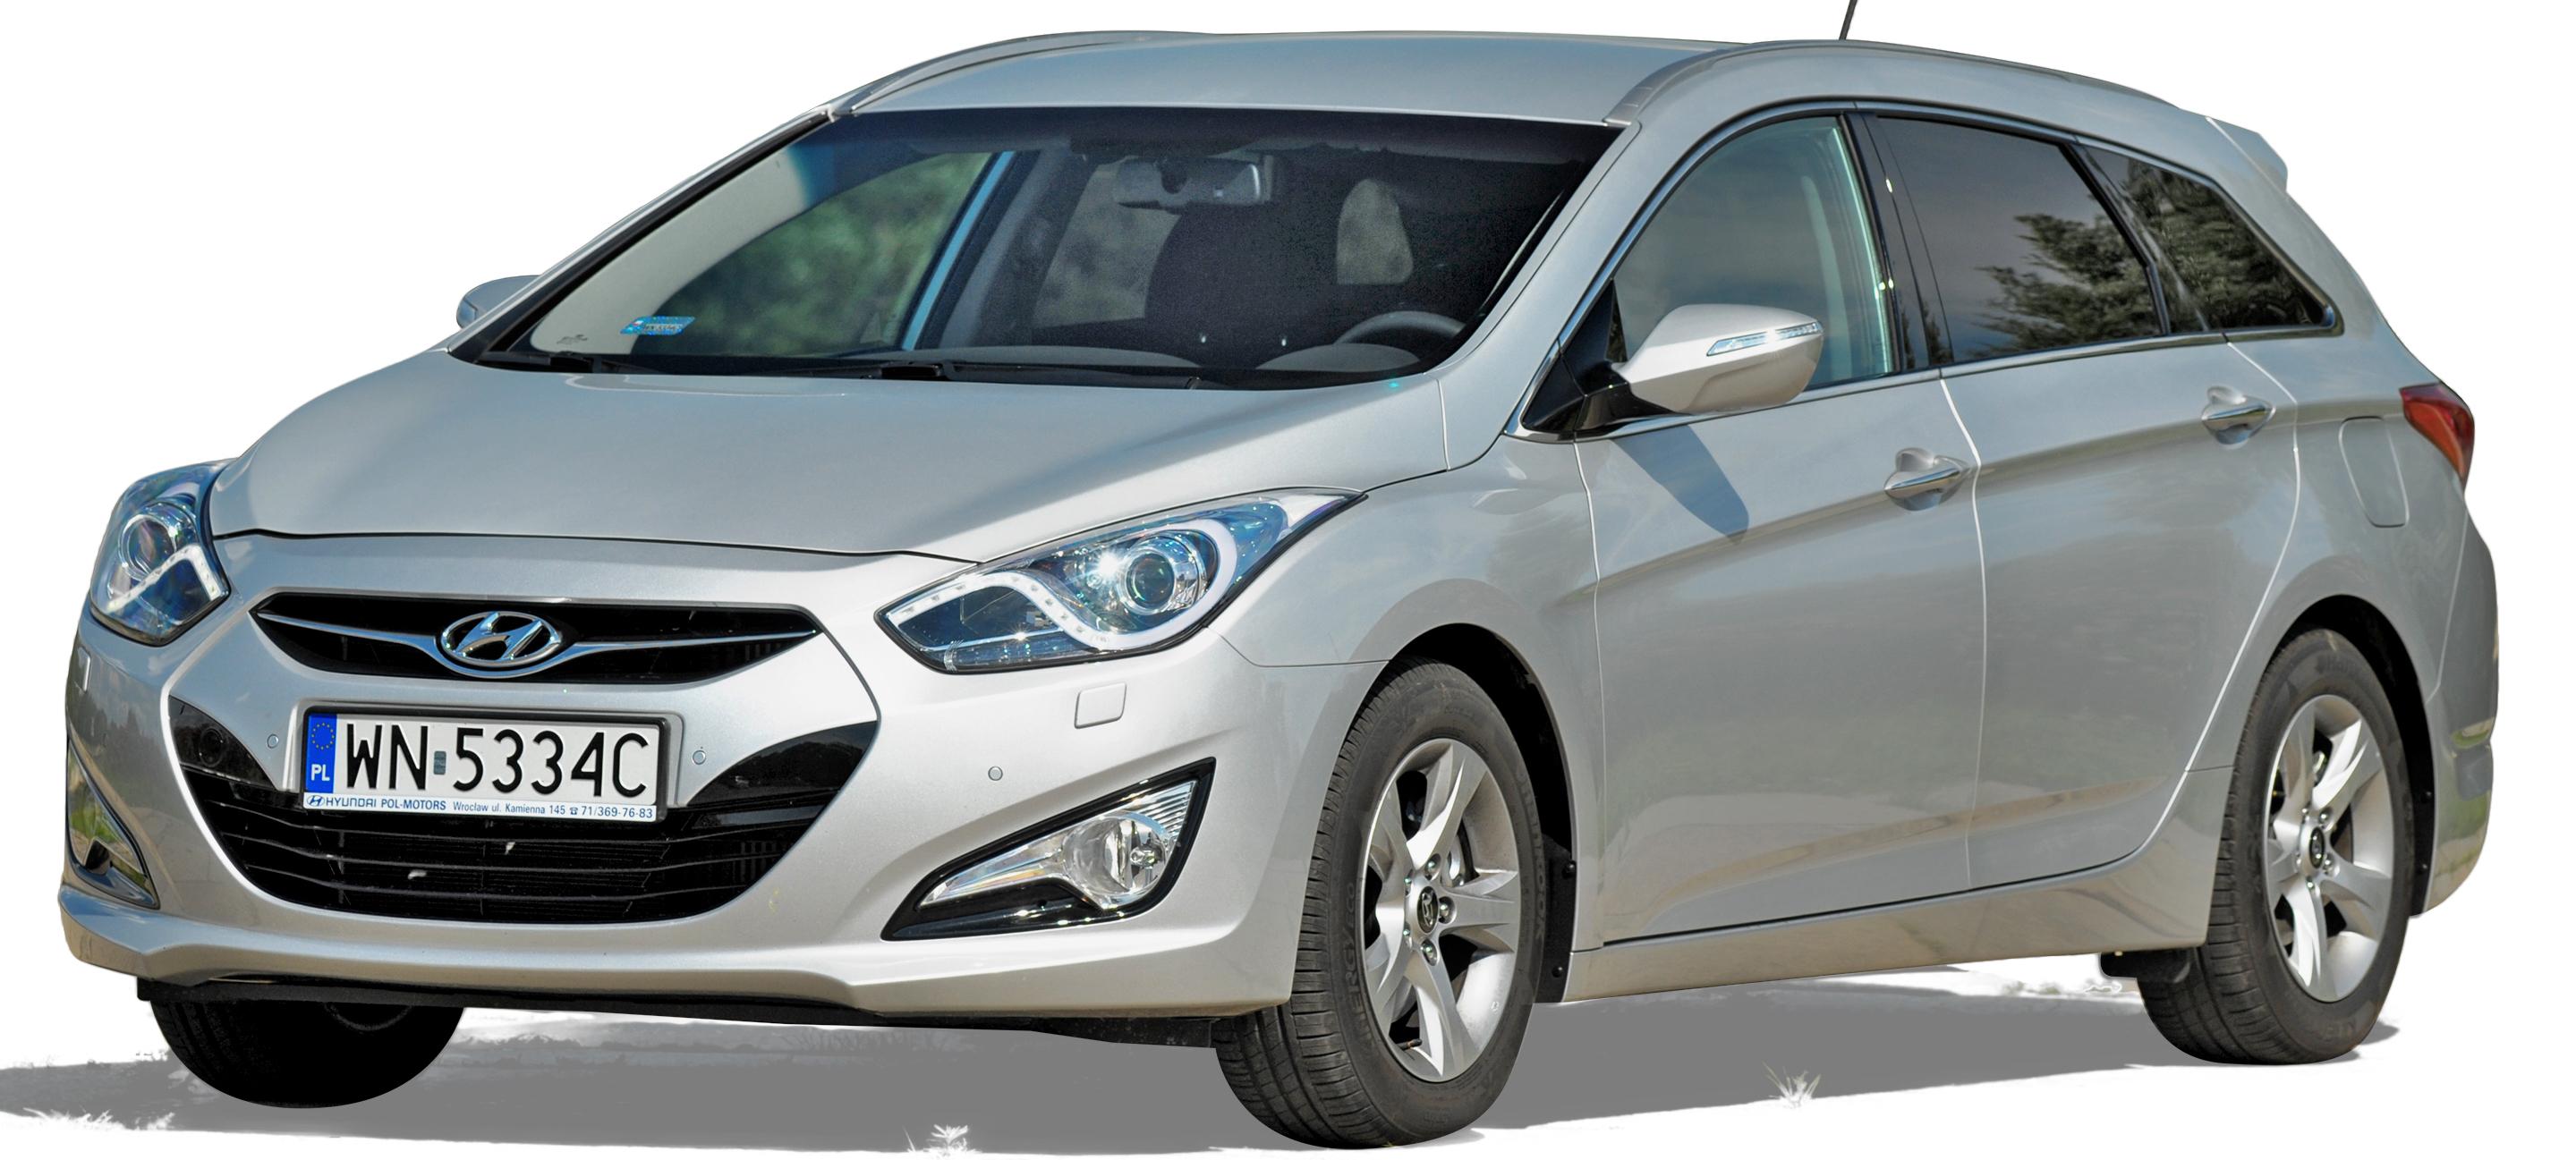 Hyundai i40 (2012-2019)